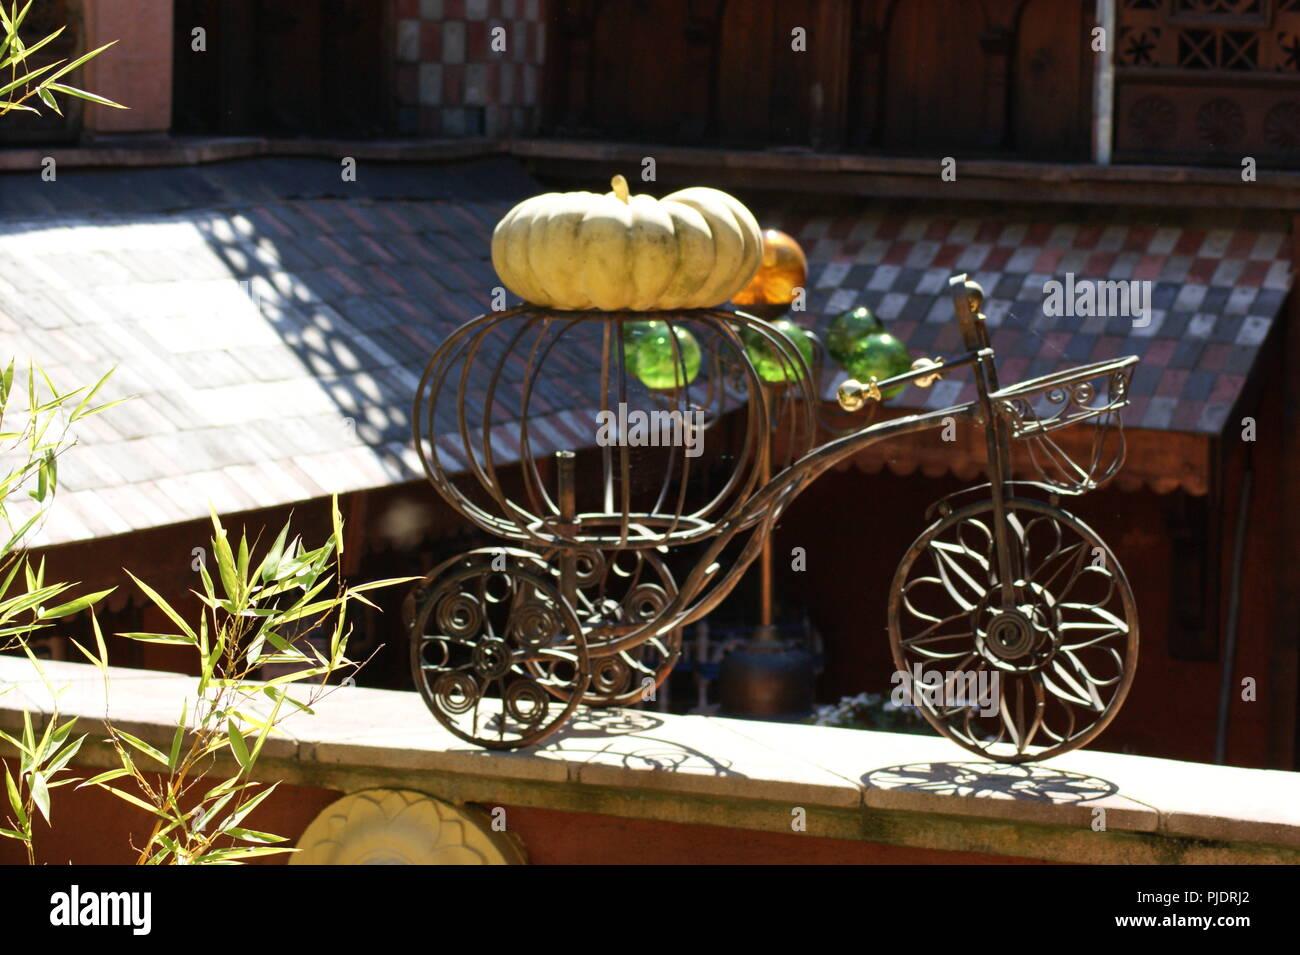 carrosse de cendrillon avec une citrouille objet de décoration de jardi, Cinderella carriage with a pumpkin garden decoration object, Aschenputtel-Kut - Stock Image